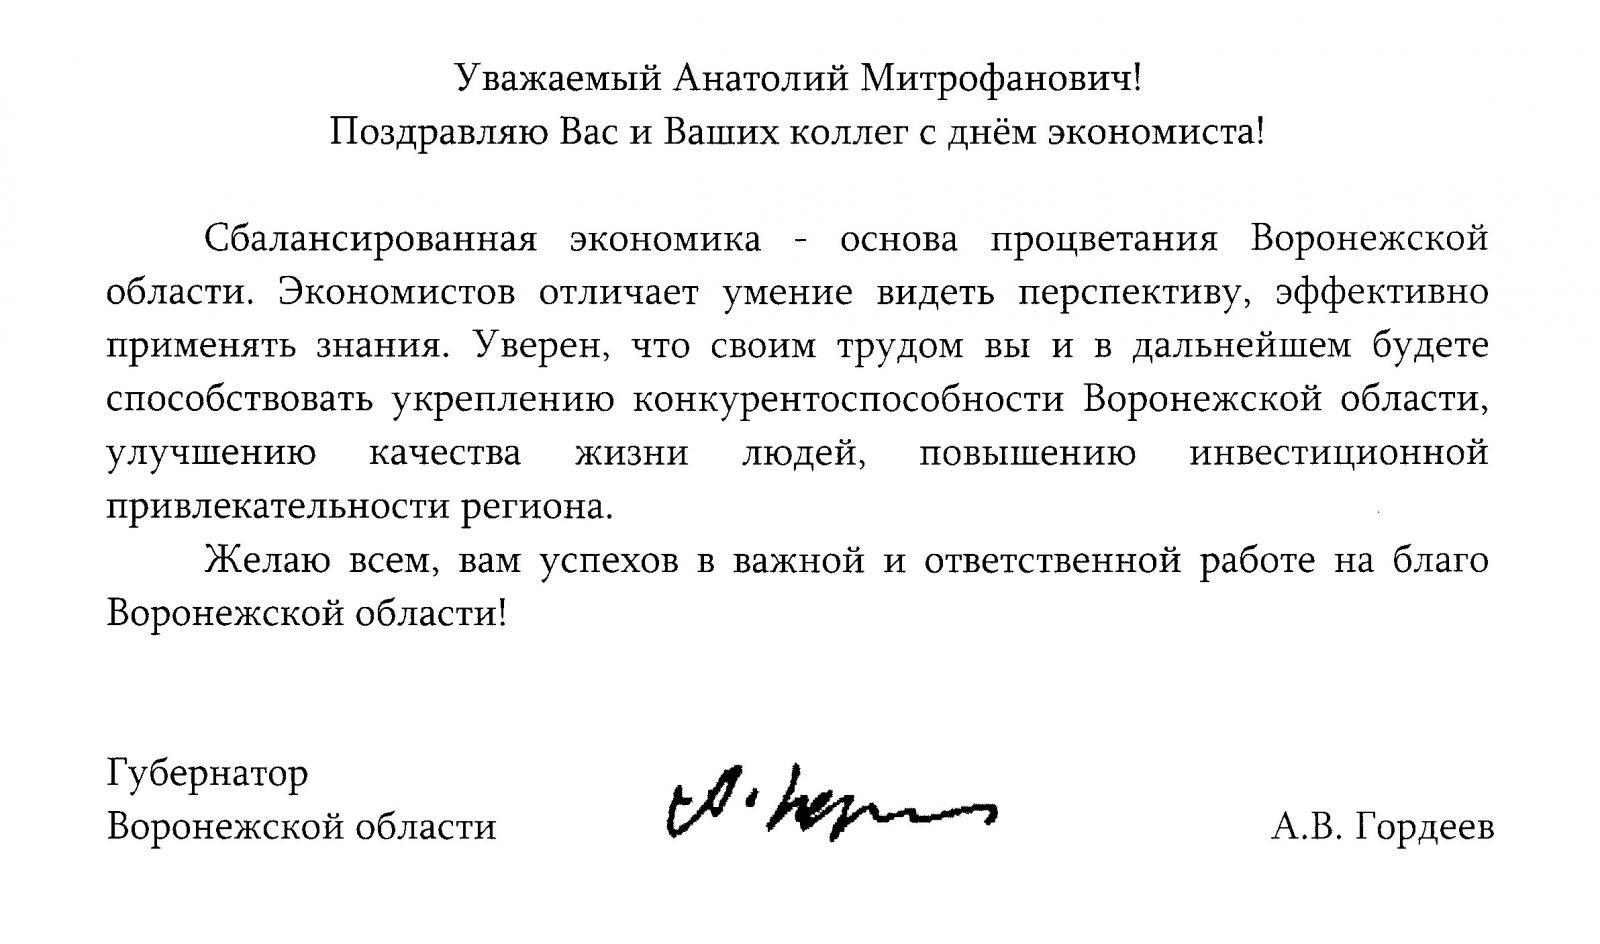 чечерске официальное поздравление с днем экономиста в россии улучшает